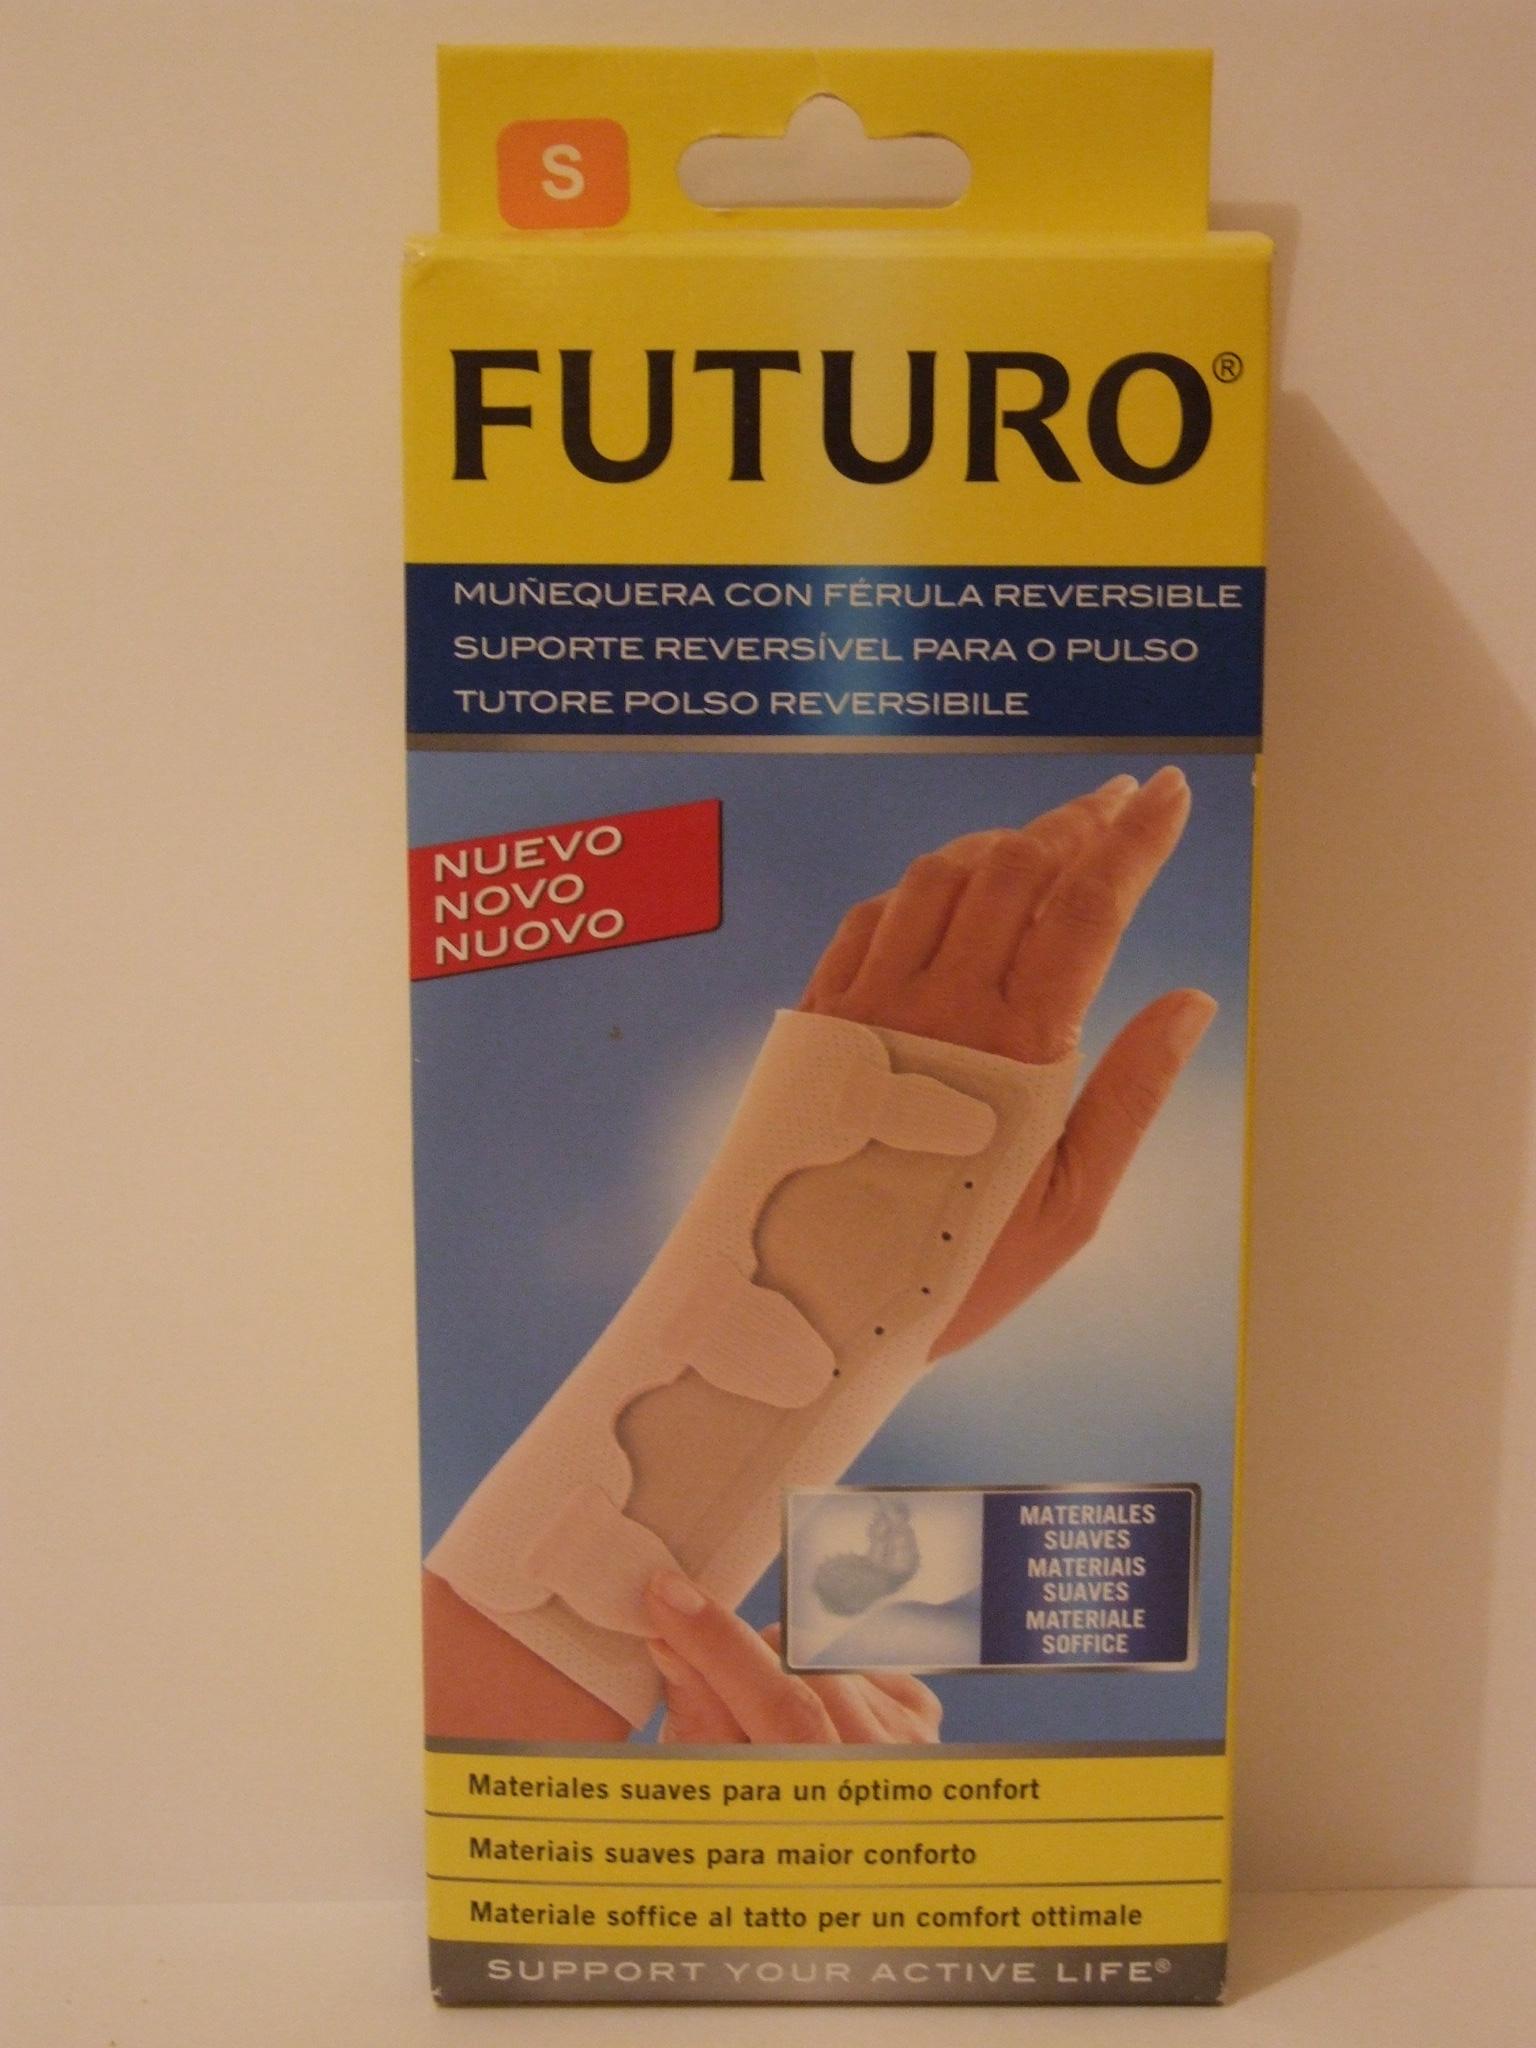 FUTURO PULSO SUPORTE REVERSIV L